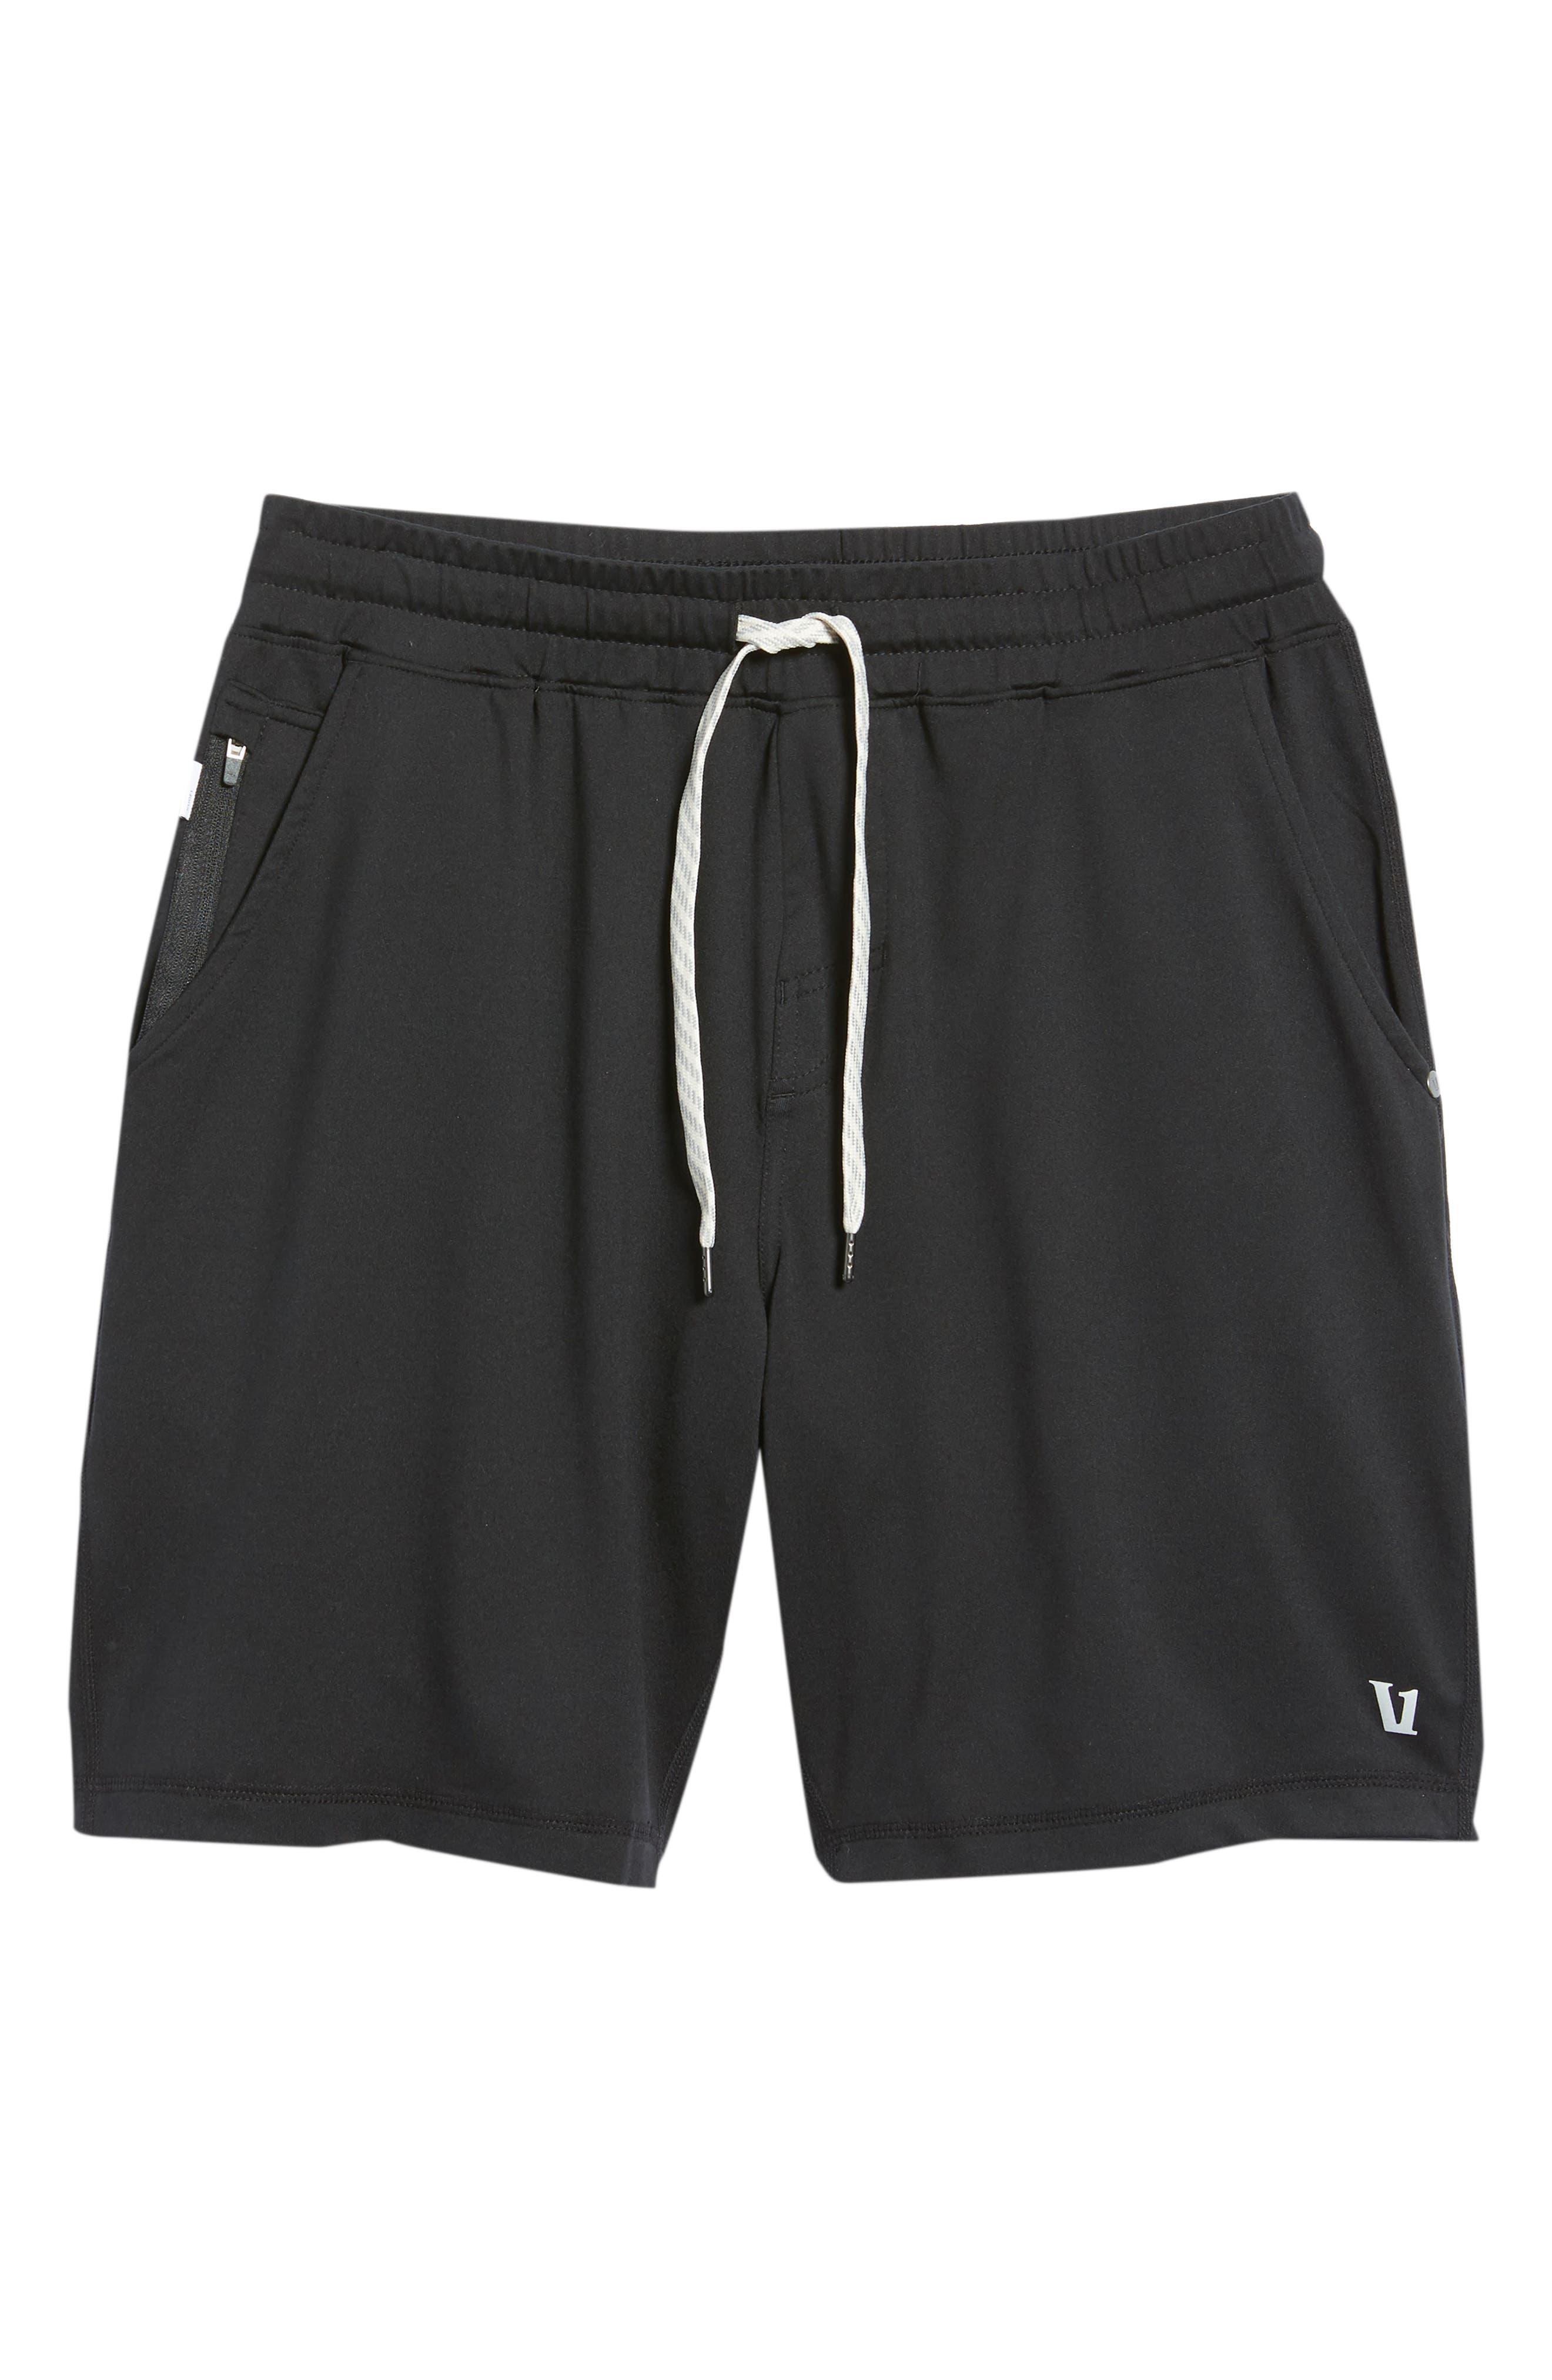 VUORI, Ponto Shorts, Alternate thumbnail 6, color, BLACK